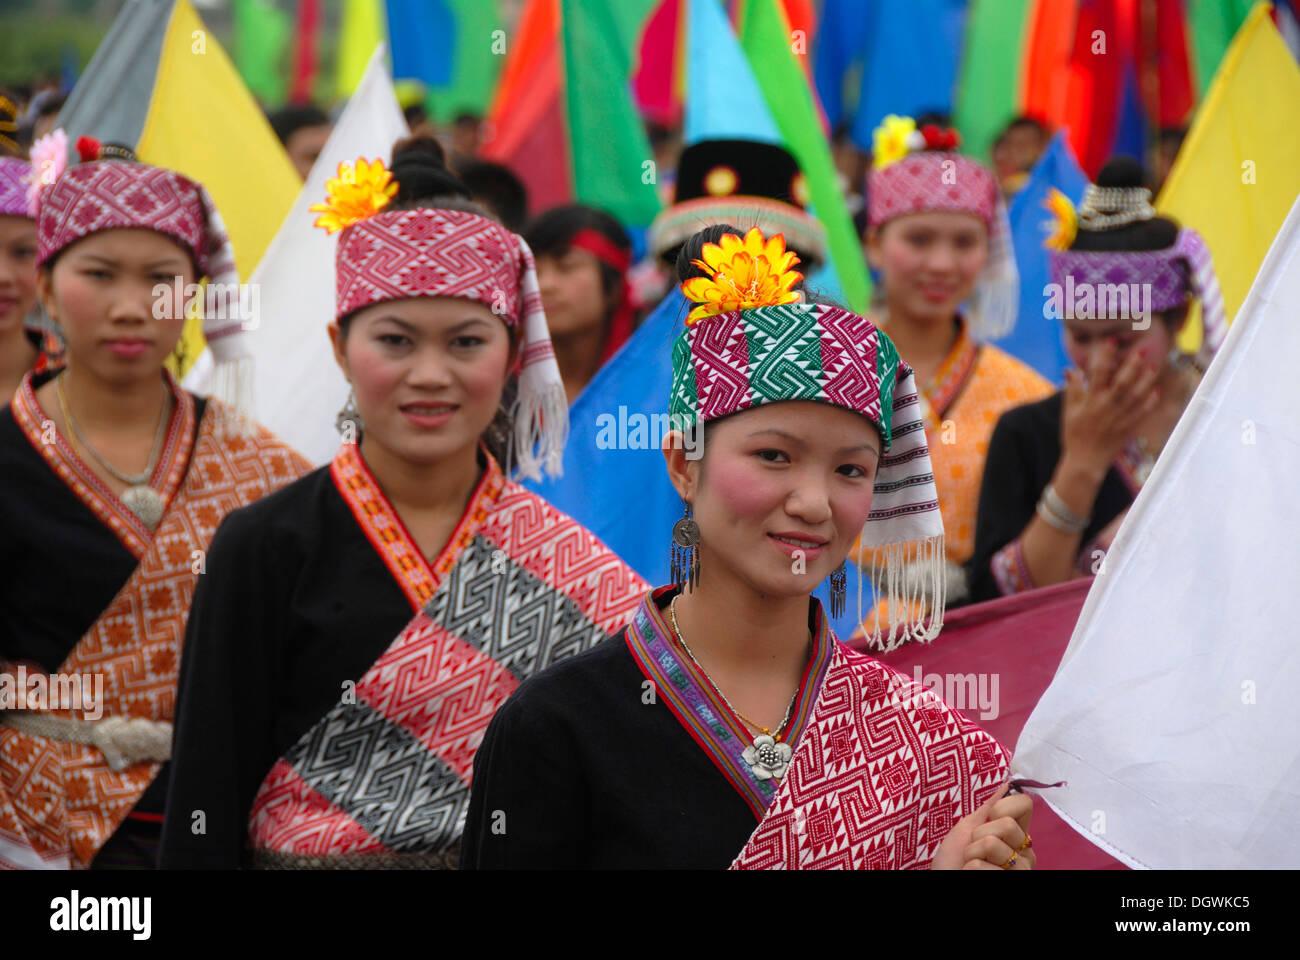 Festival, giovani donne del Khmu gruppo etnico, abiti tradizionali, cappelli, Muang Xai, Udomxai provincia, Laos, sud-est asiatico Immagini Stock